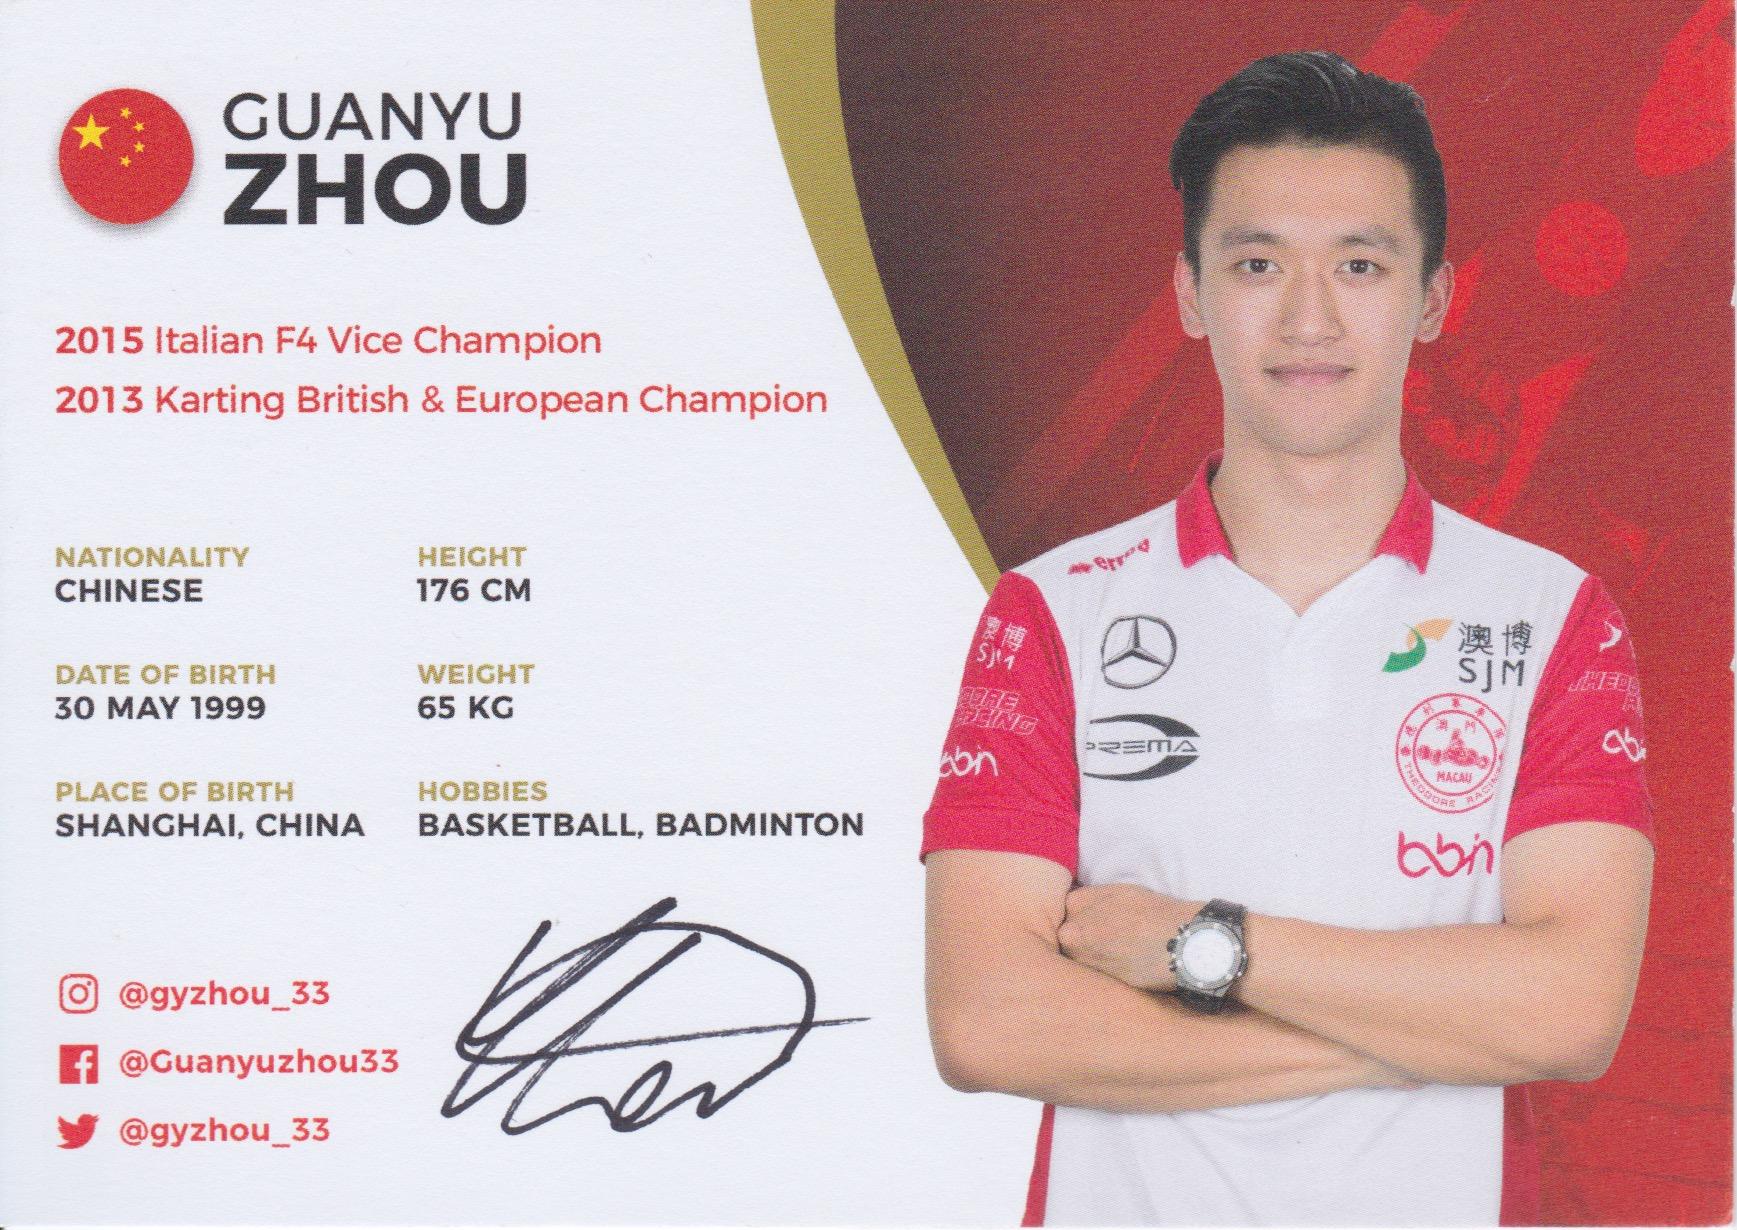 Guanyu Zhou Theodore Racing 2018